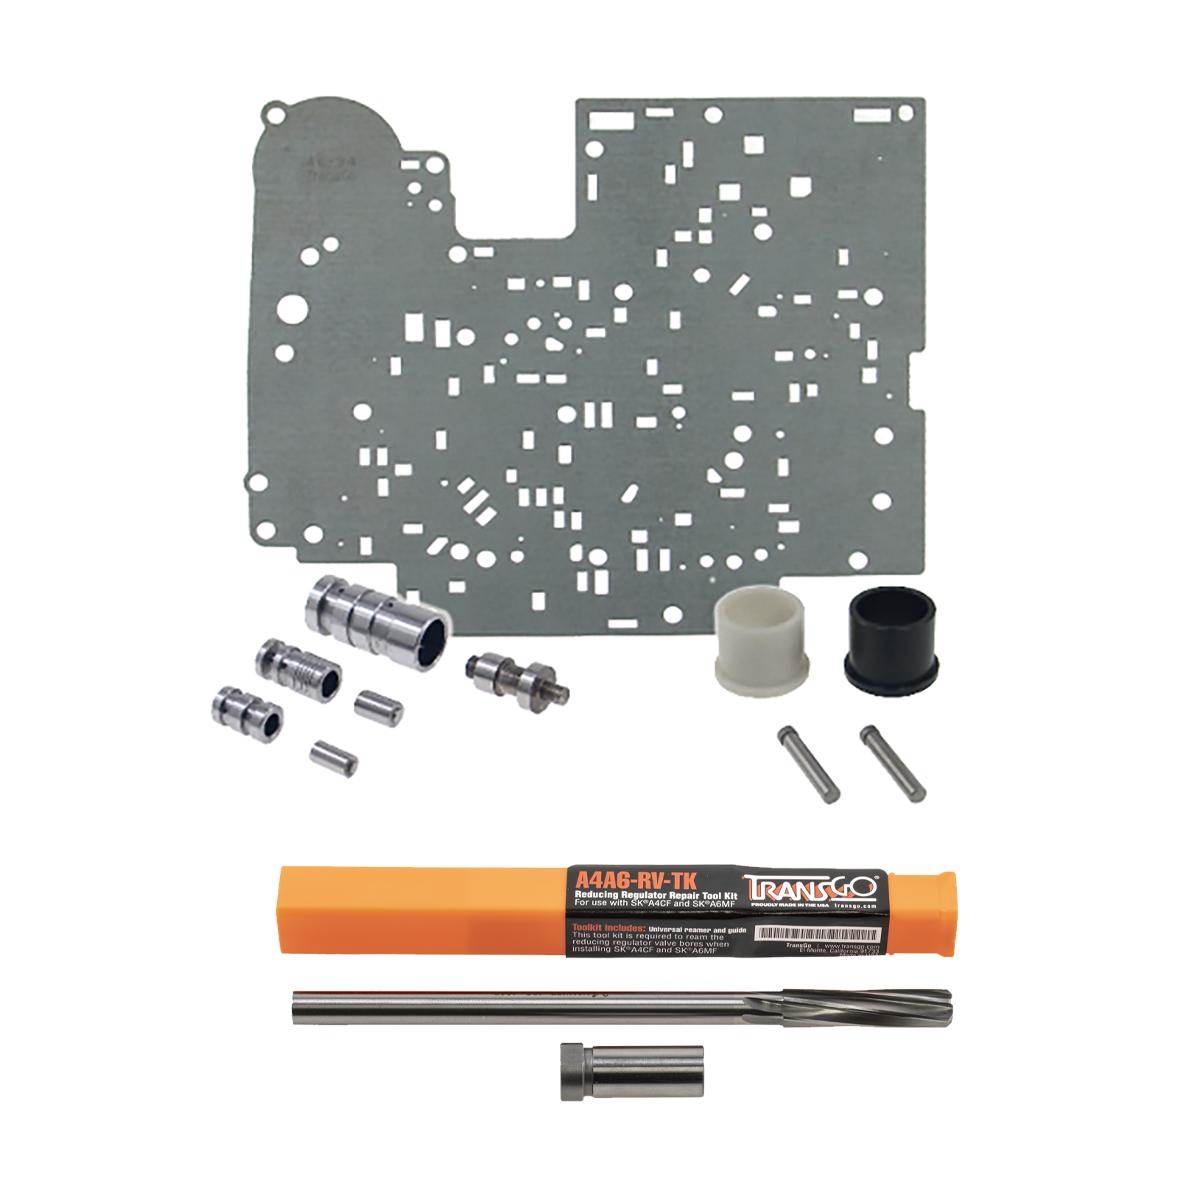 TransGo specialty components